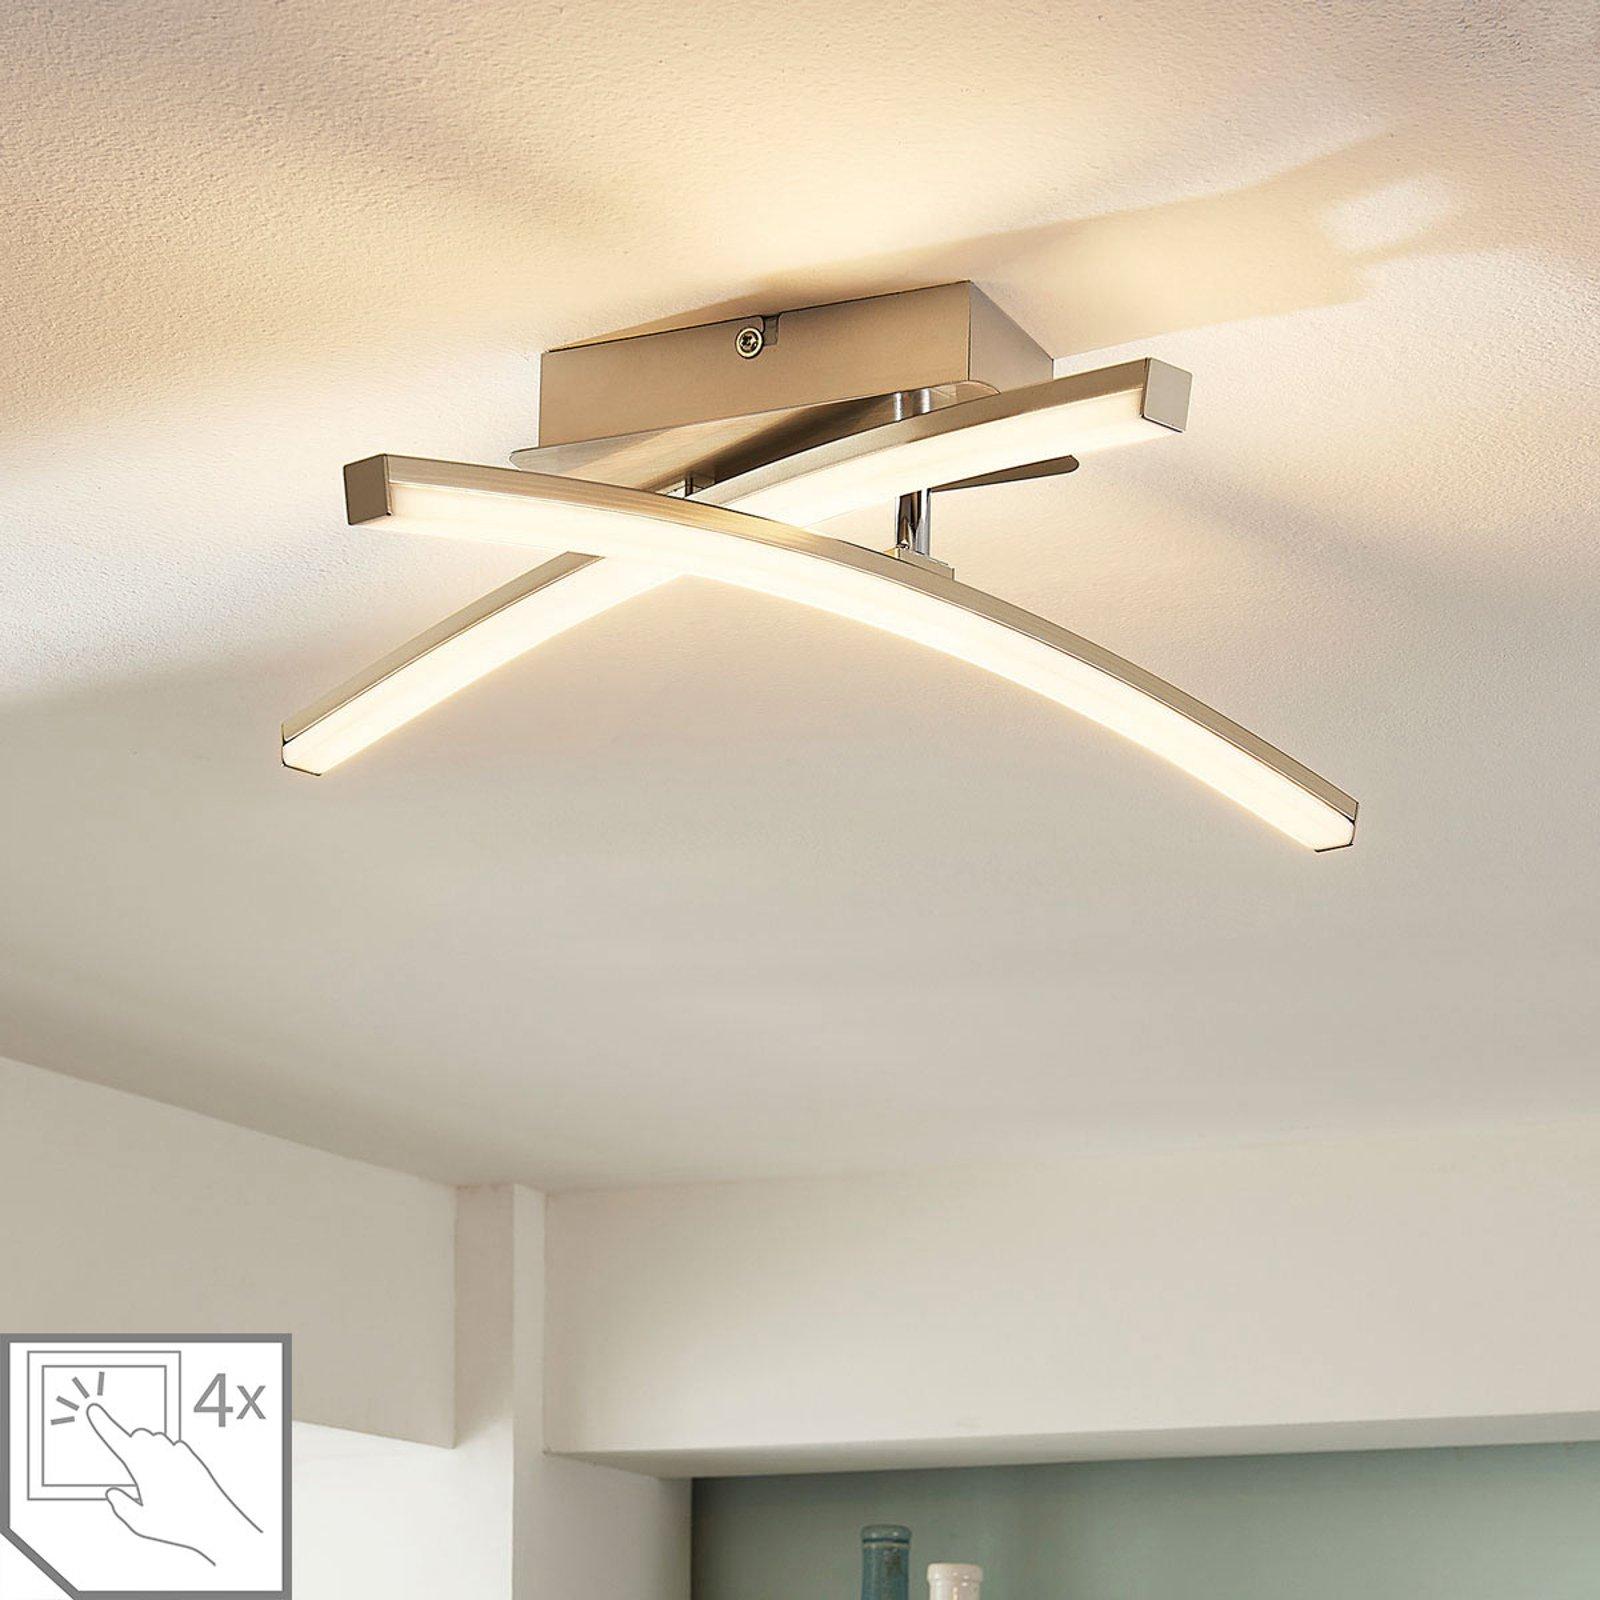 4-trinns dimbar LED-taklampe Laurenzia